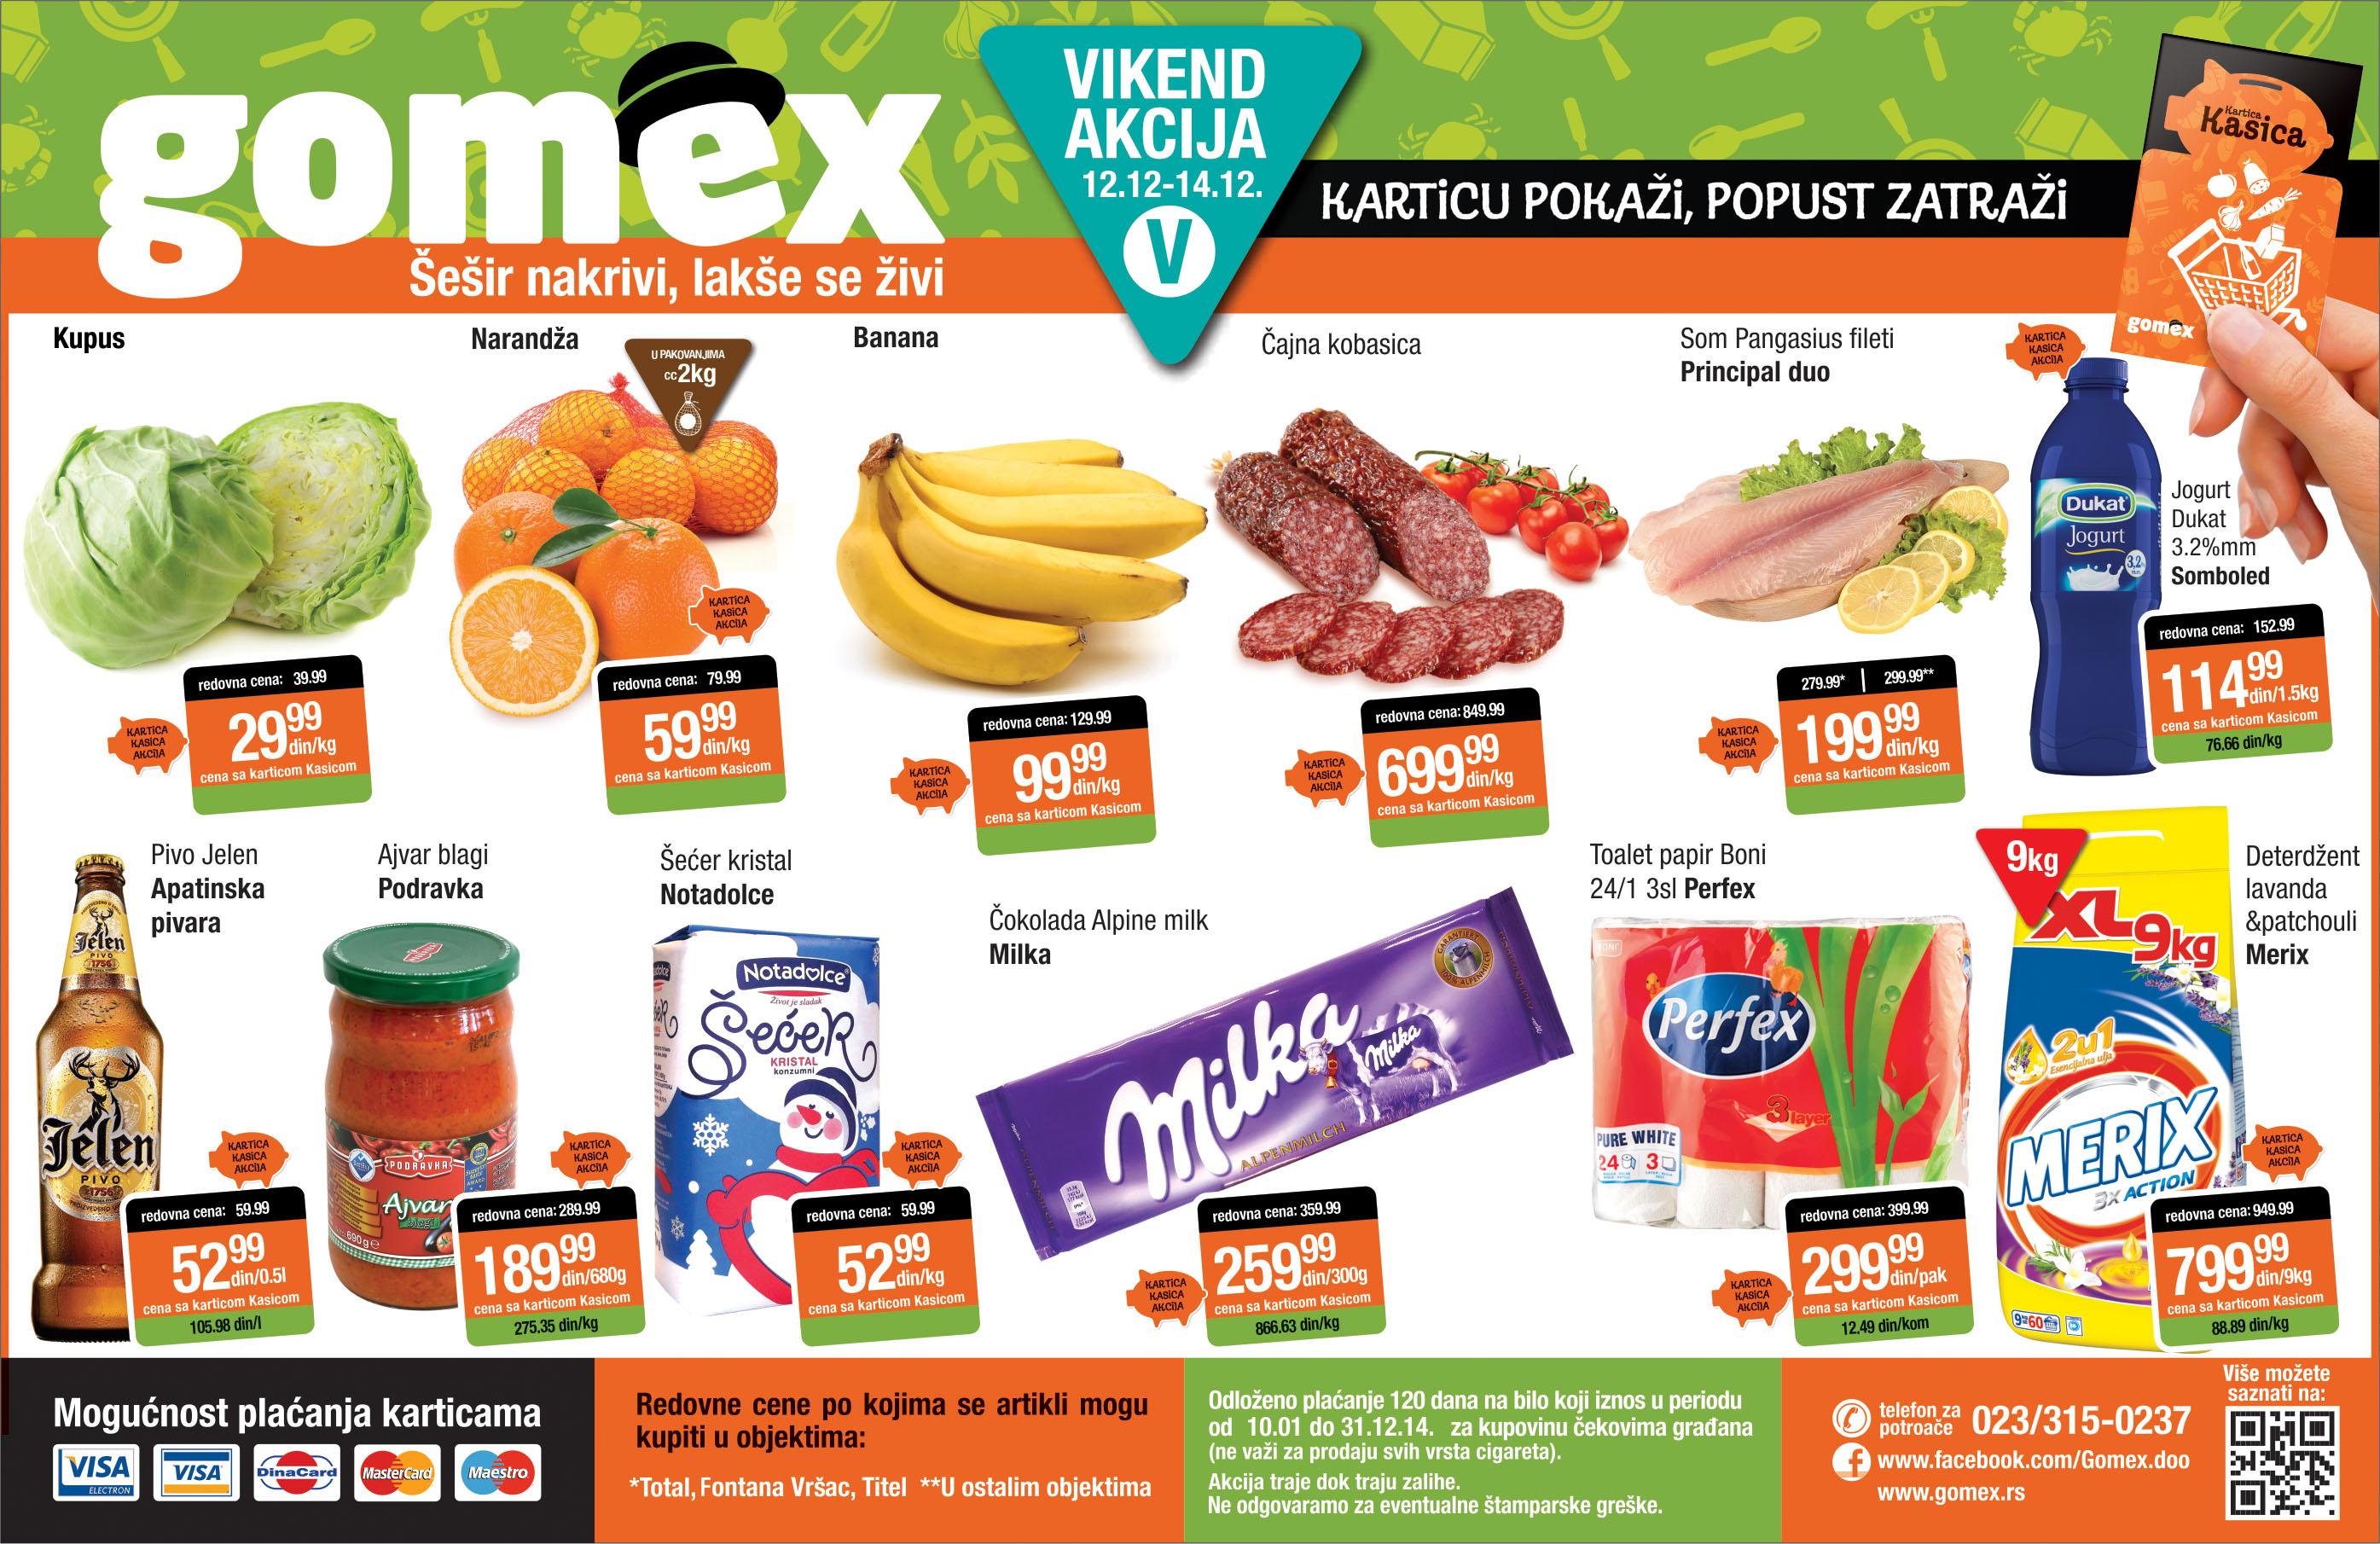 Gomex akcija vikend odlične kupovine